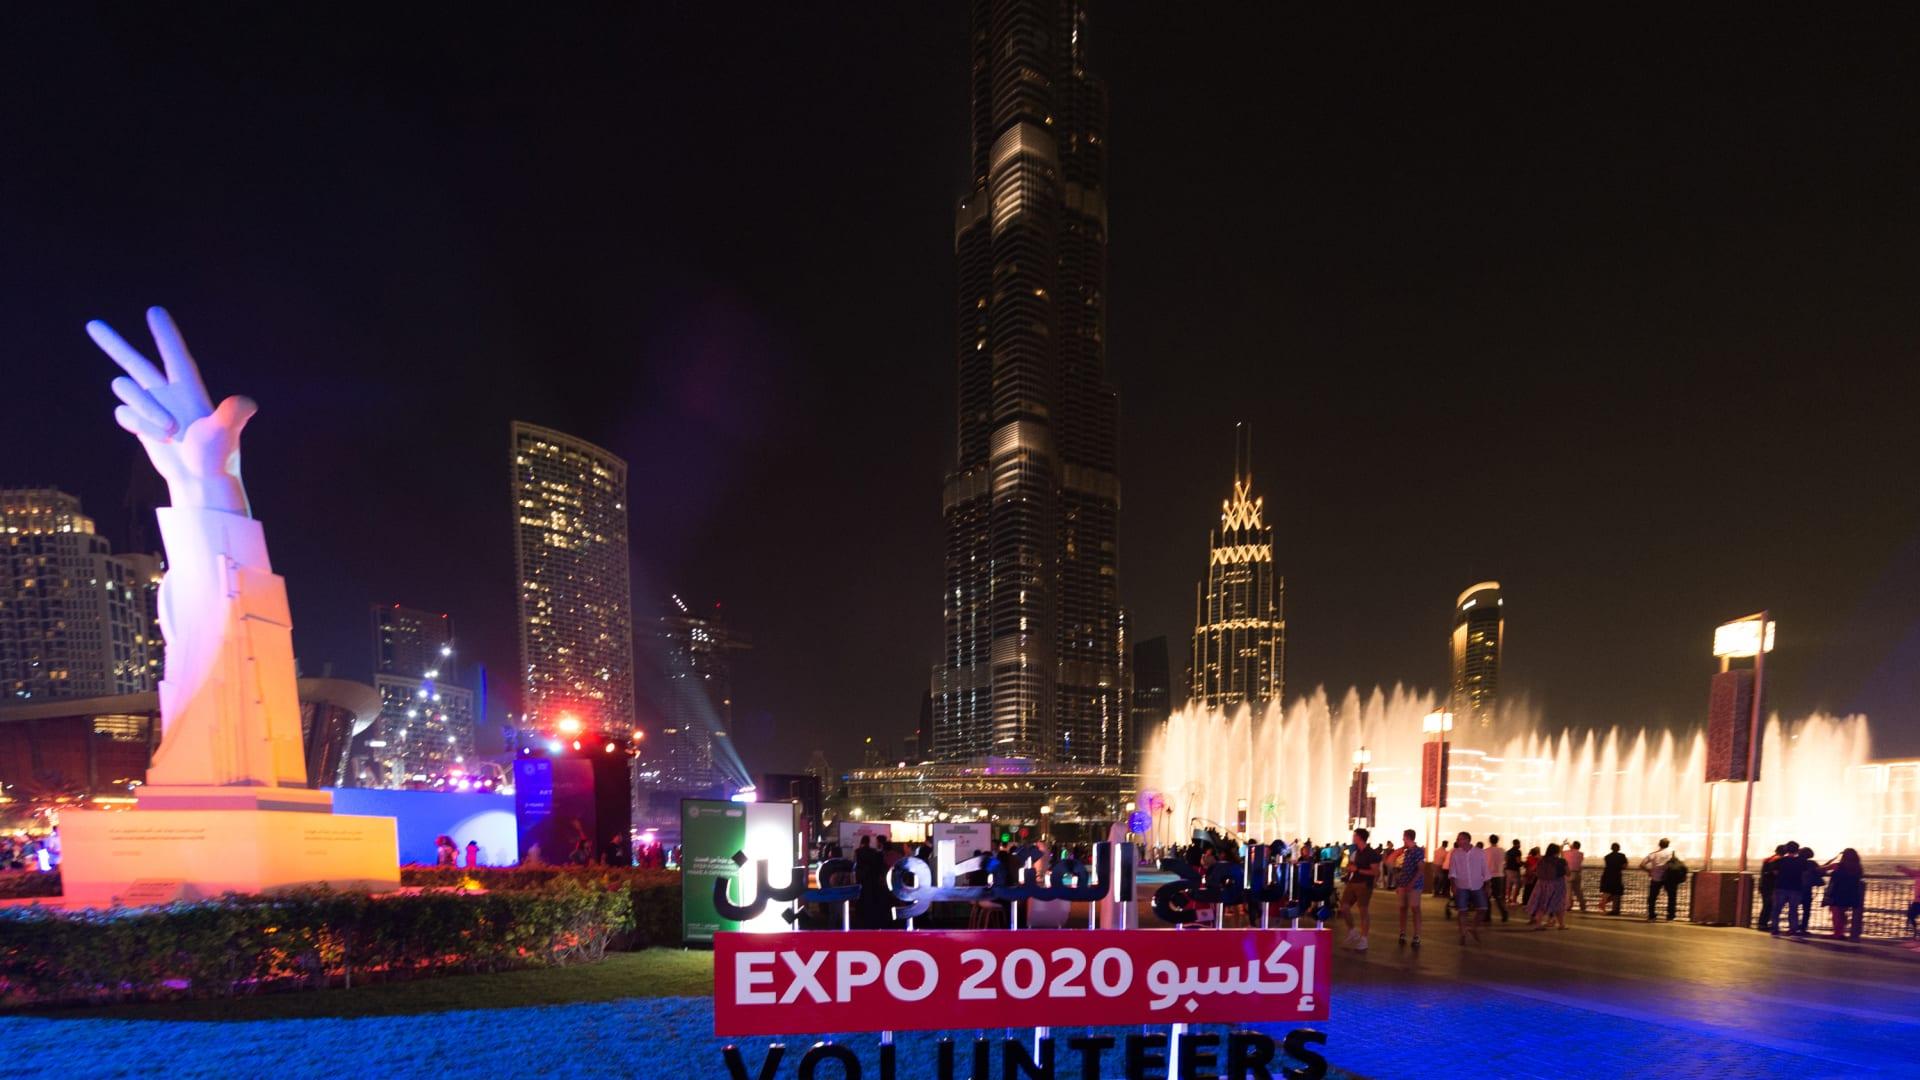 جولة في موقع إكسبو 2020 في دبي..هذا ما سيتضمنه المشروع